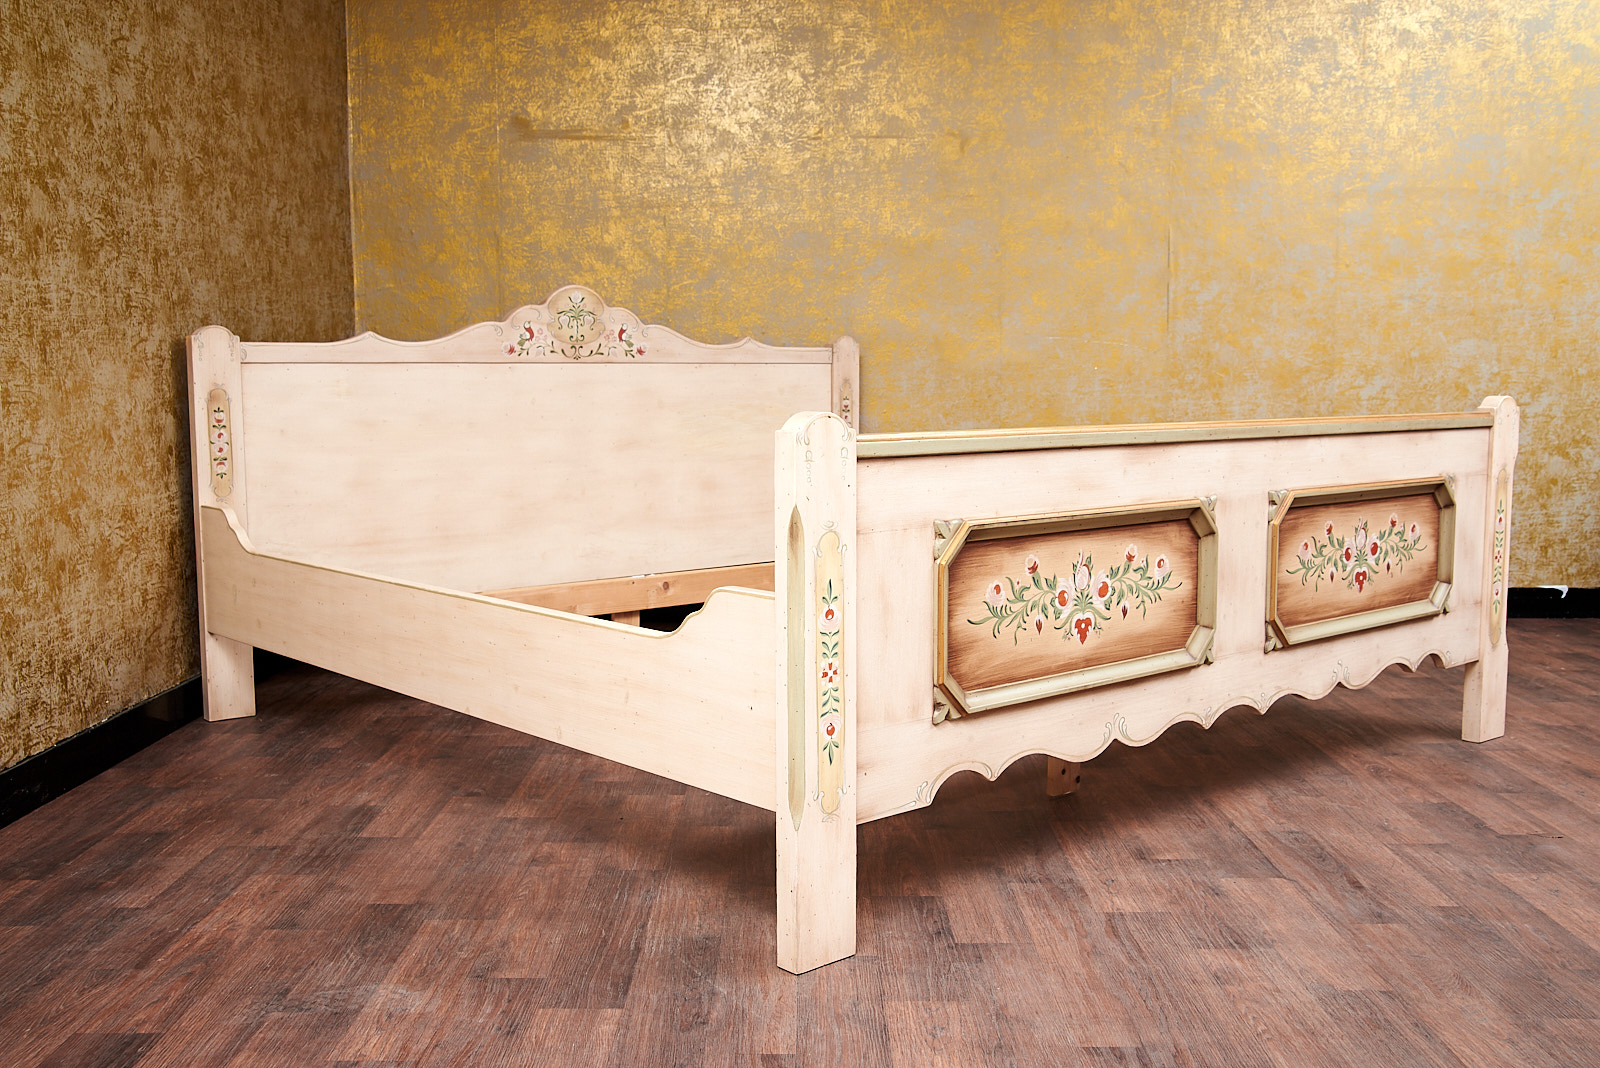 Full Size of Voglauer Anno 1700 Altwei Doppelbett Landhaus Bett Bette Starlet Poco Moderne Landhausküche Xxl Betten Schlicht Günstige Billige Sofa Boxspring Mit Bett Landhaus Bett